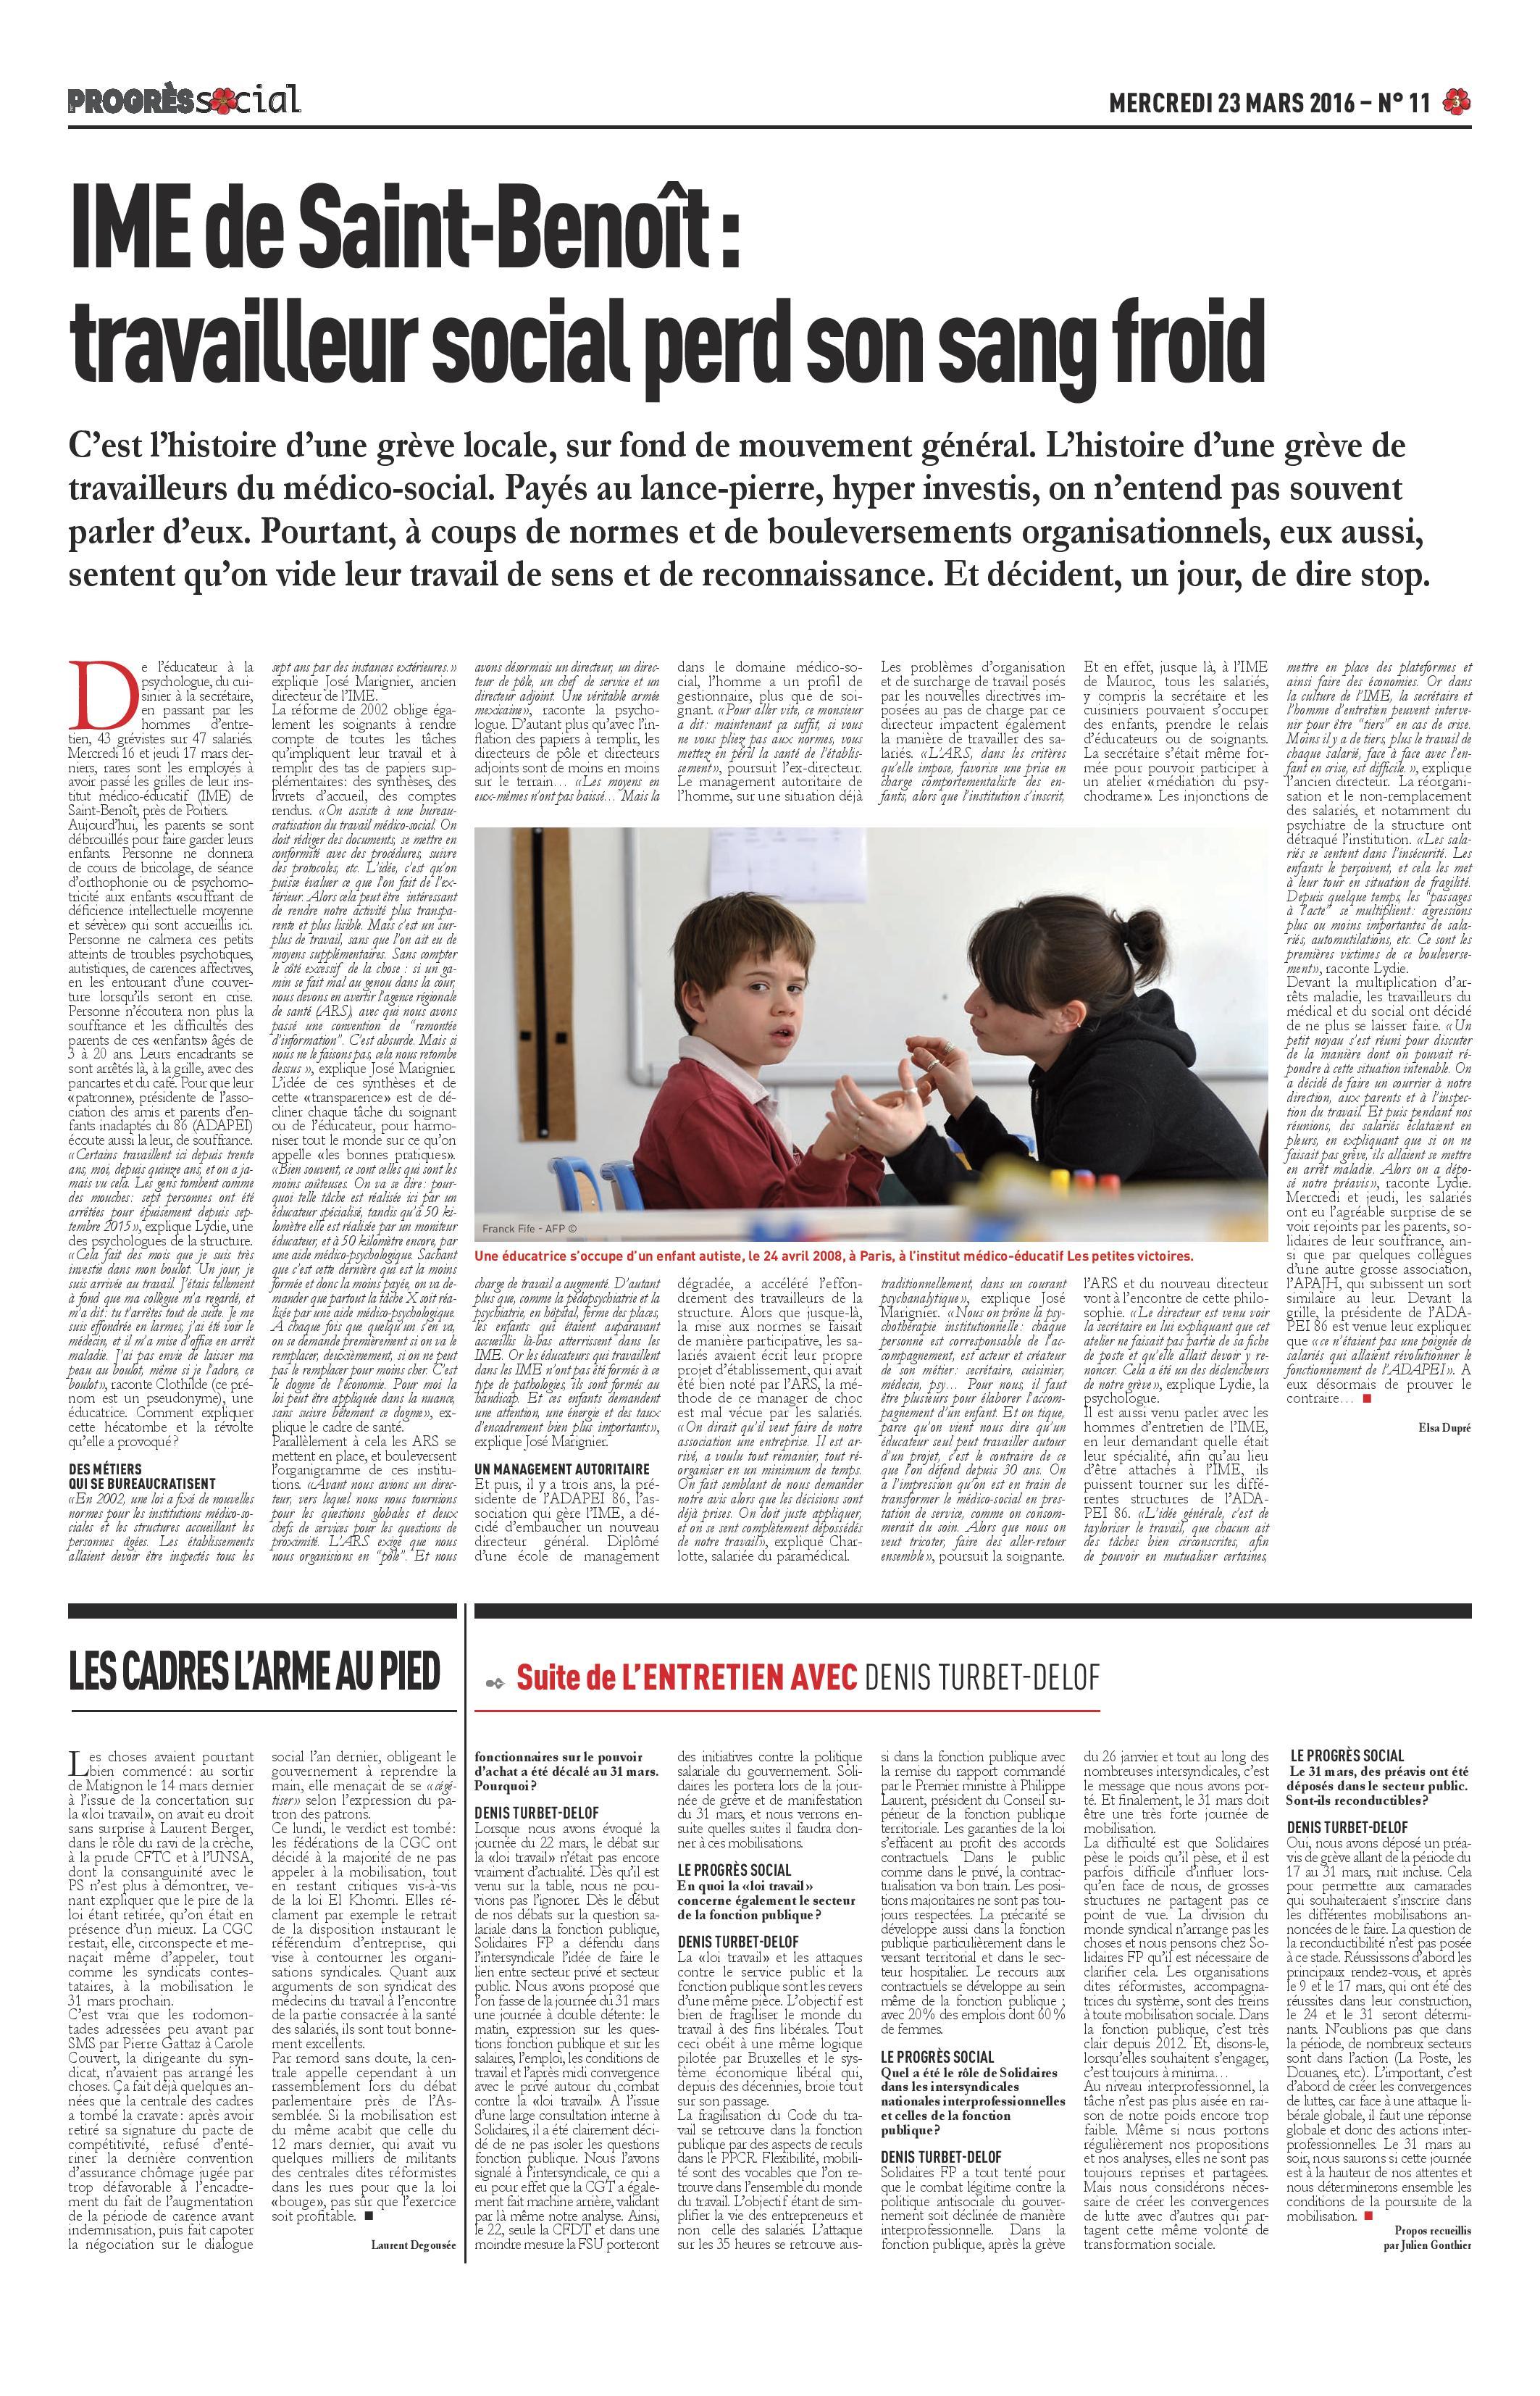 Le Progres social 11 - 23032016-3-3-page-001